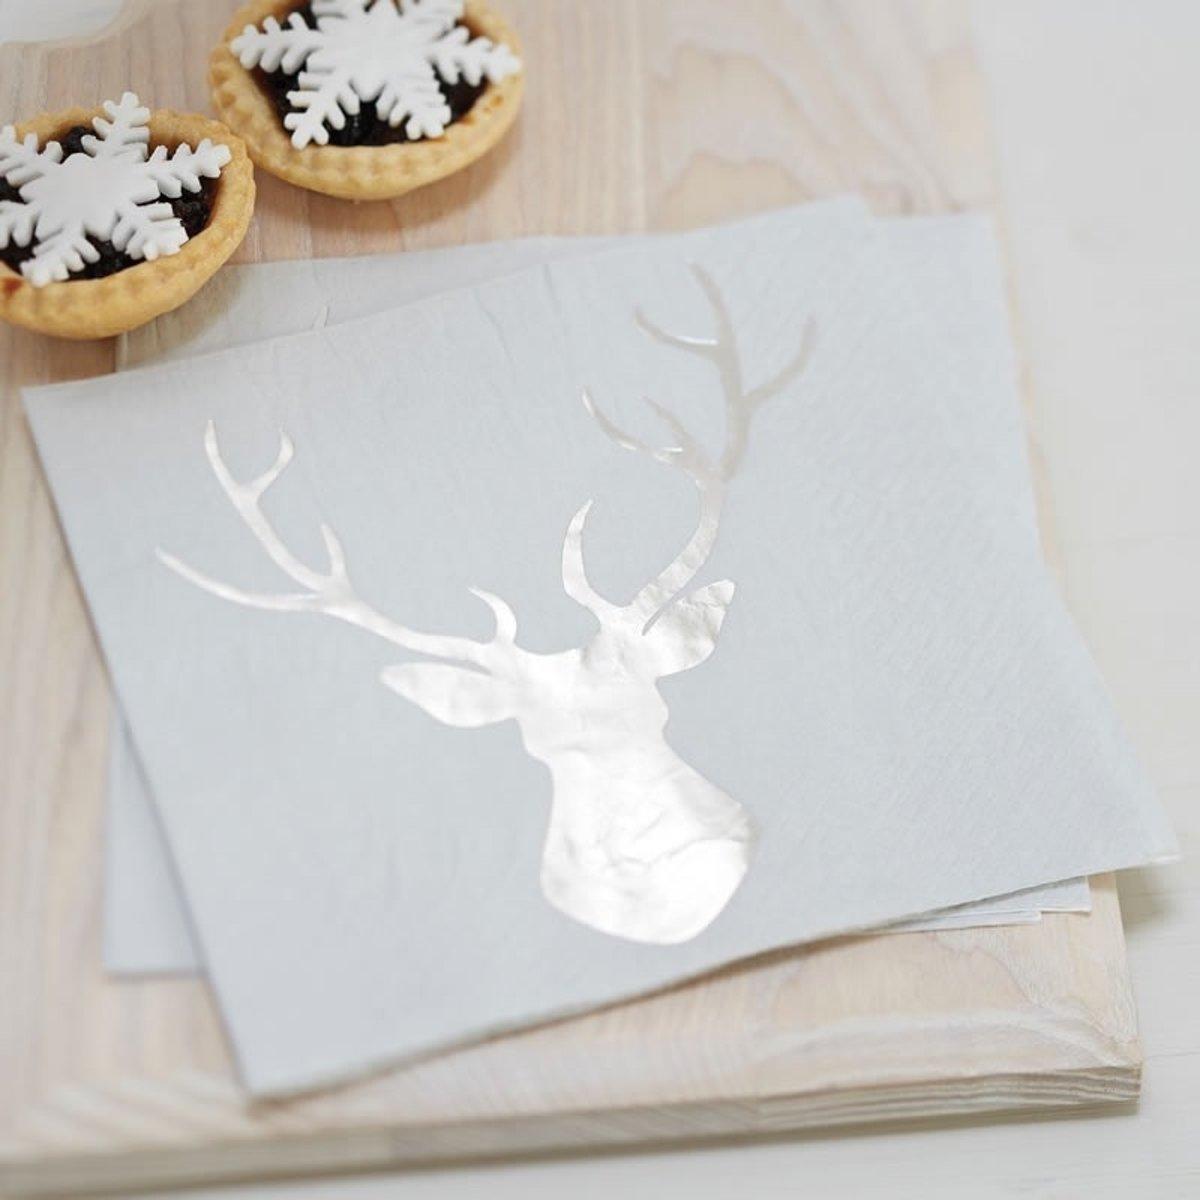 Gingerray Kerst servetten met rendier - metallic zilver - 20 stuks kopen